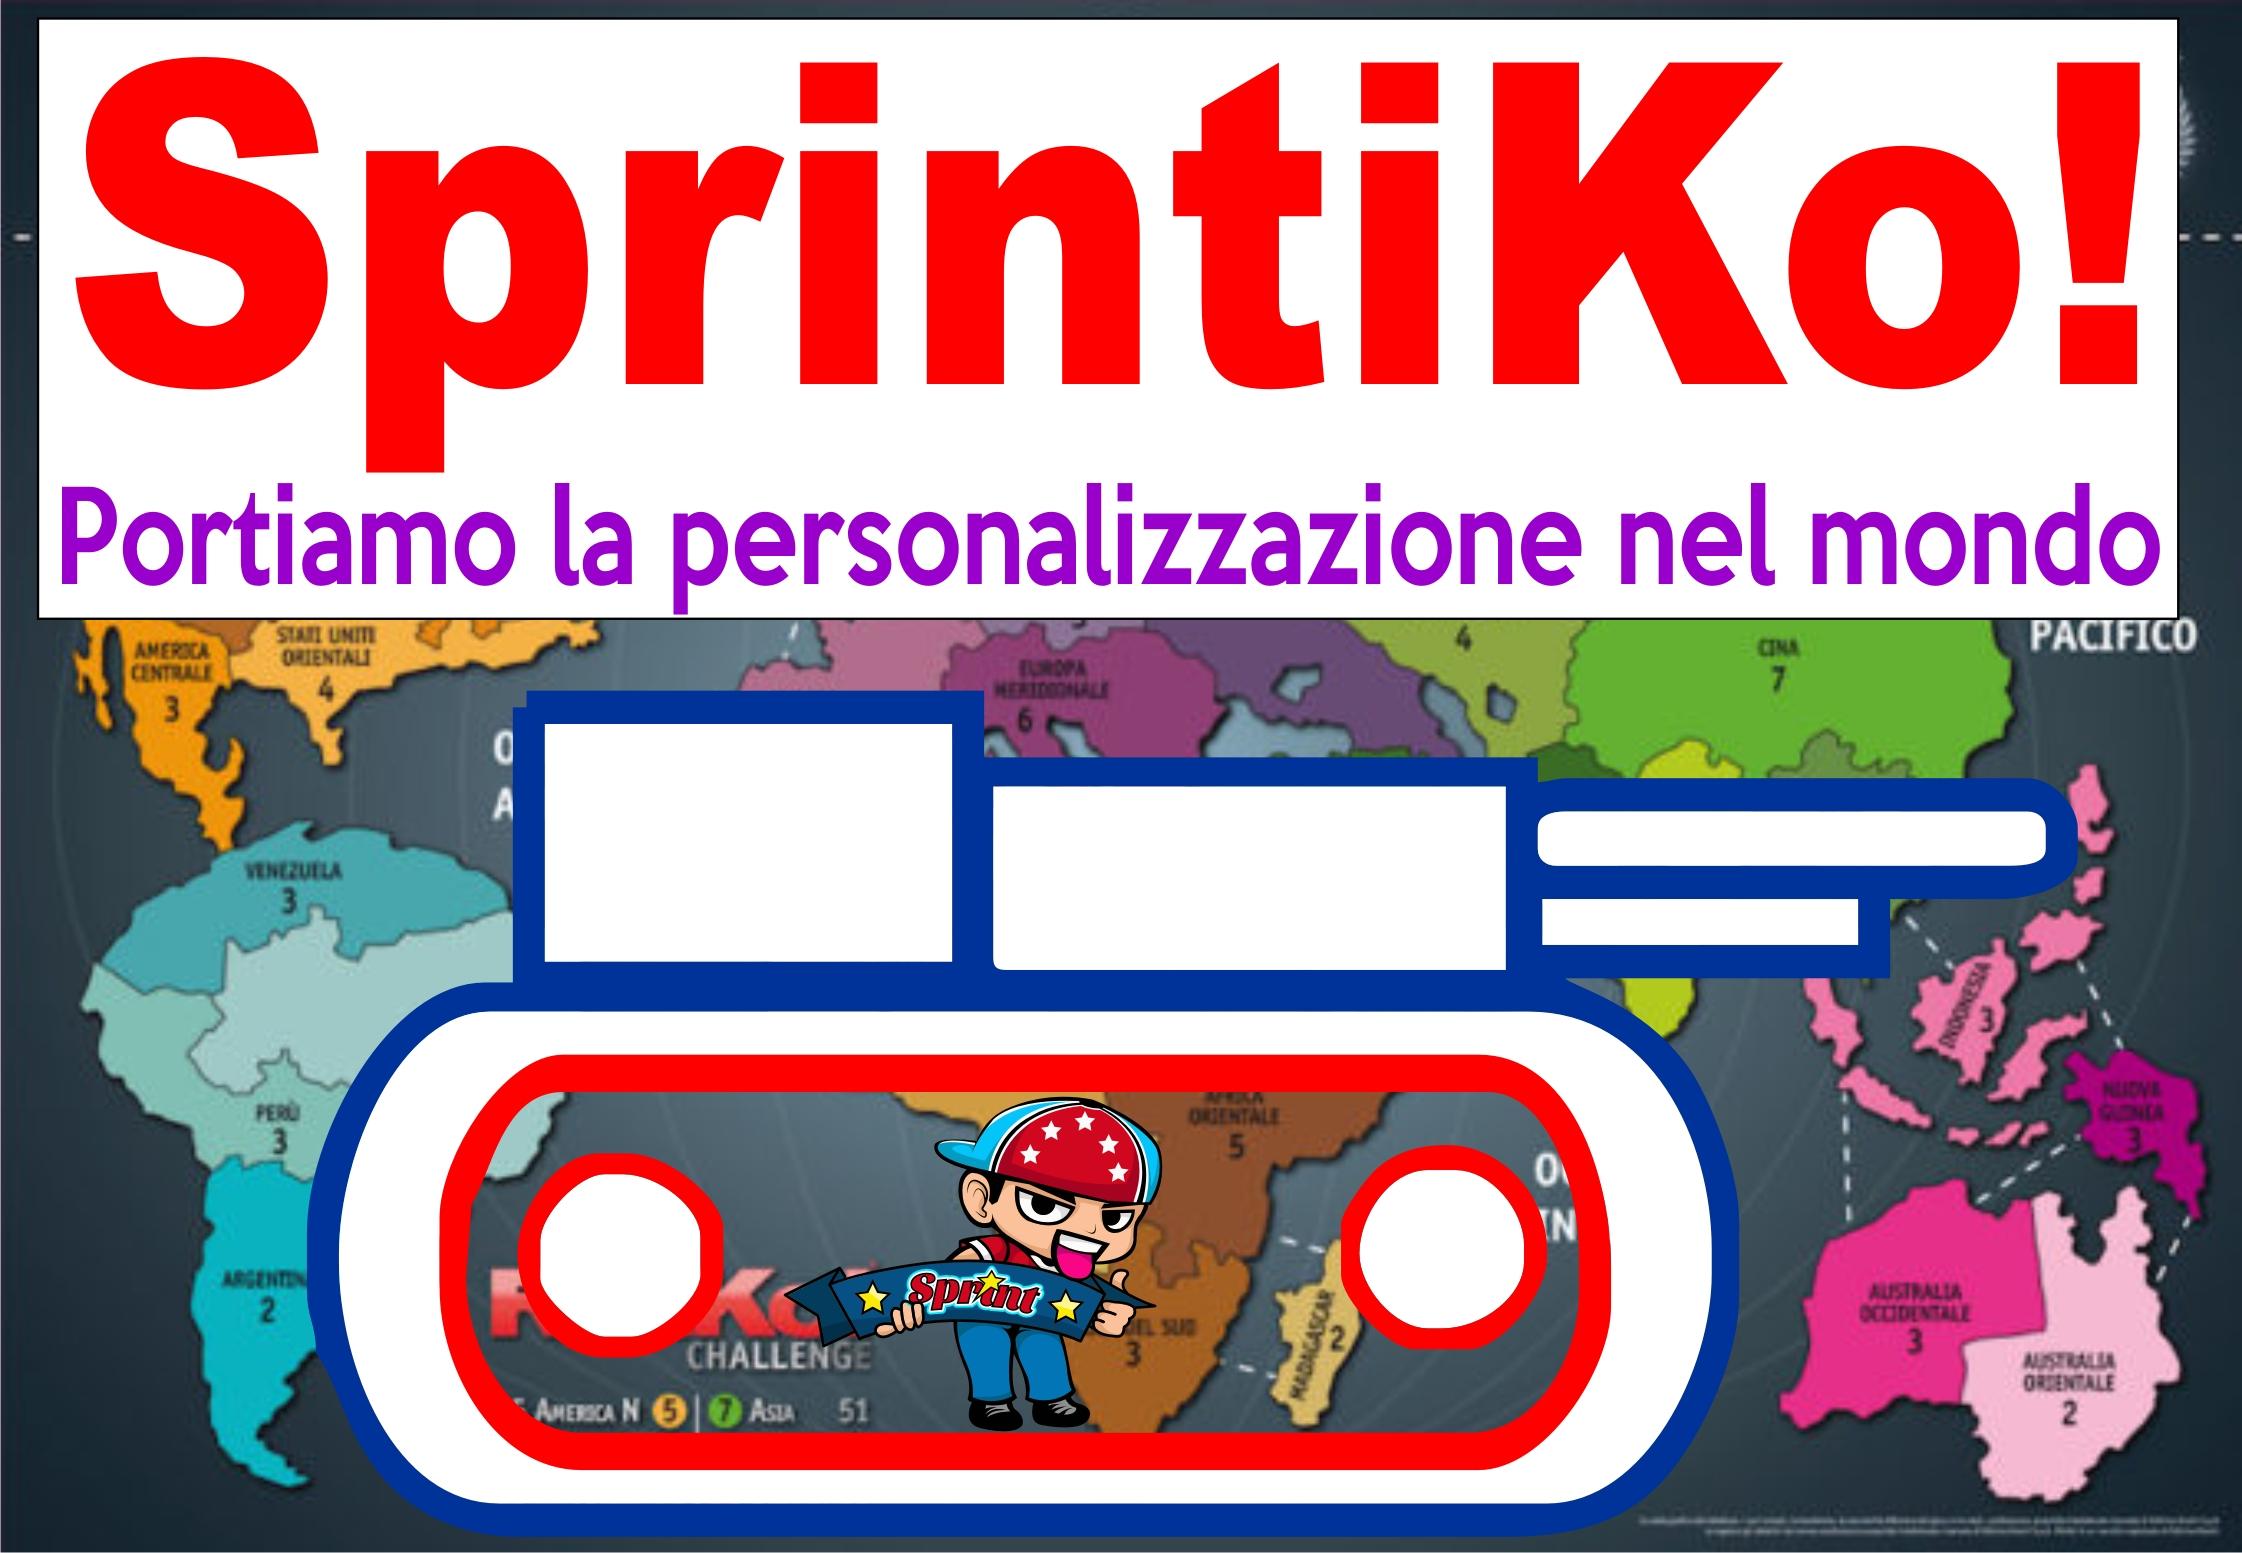 Sprintiko e personalizziamo il mondo!!